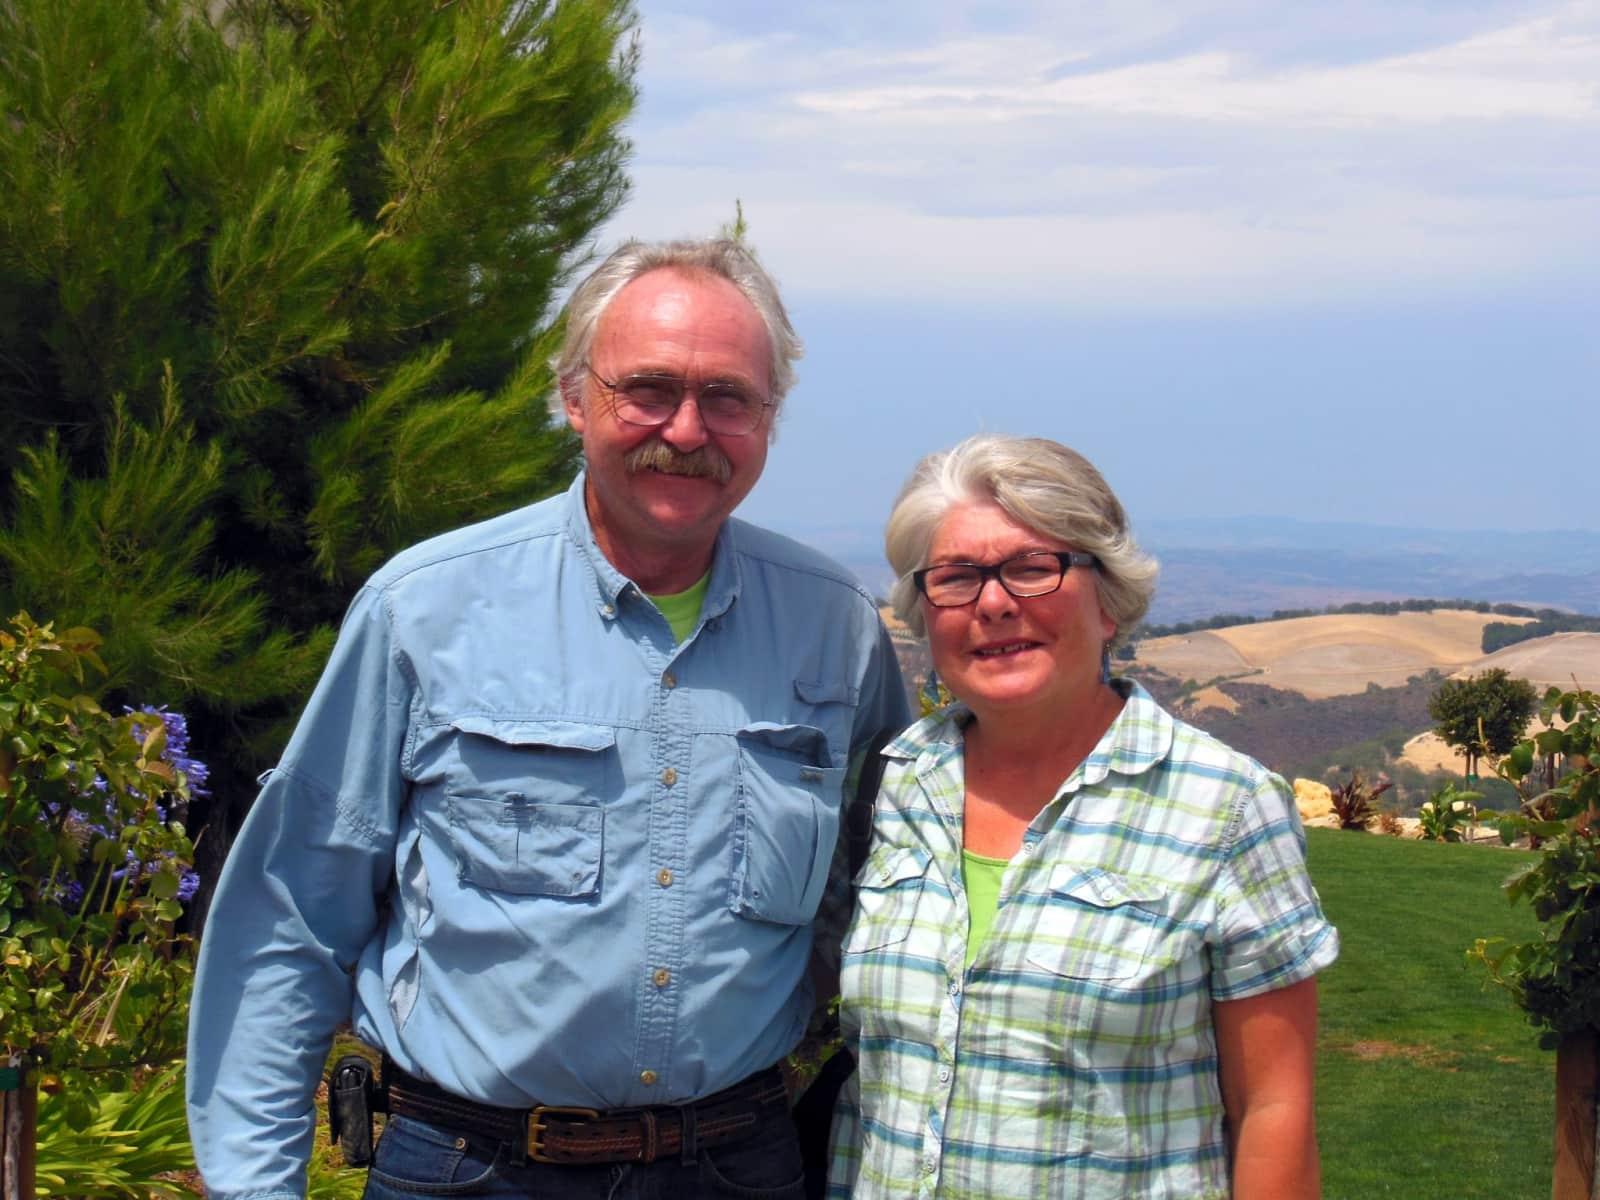 Douglas & Linda from Boise, Idaho, United States